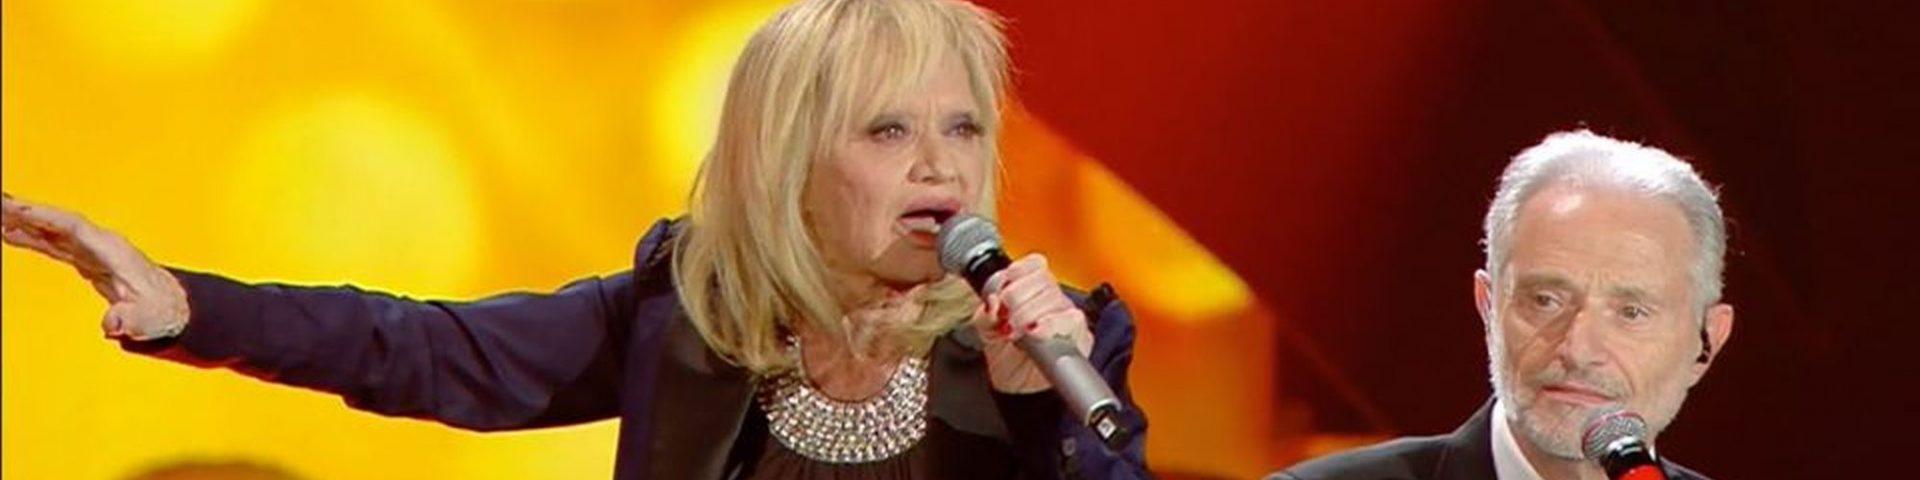 Amedeo Minghi a Sanremo 2020 con Rita Pavone (Video)